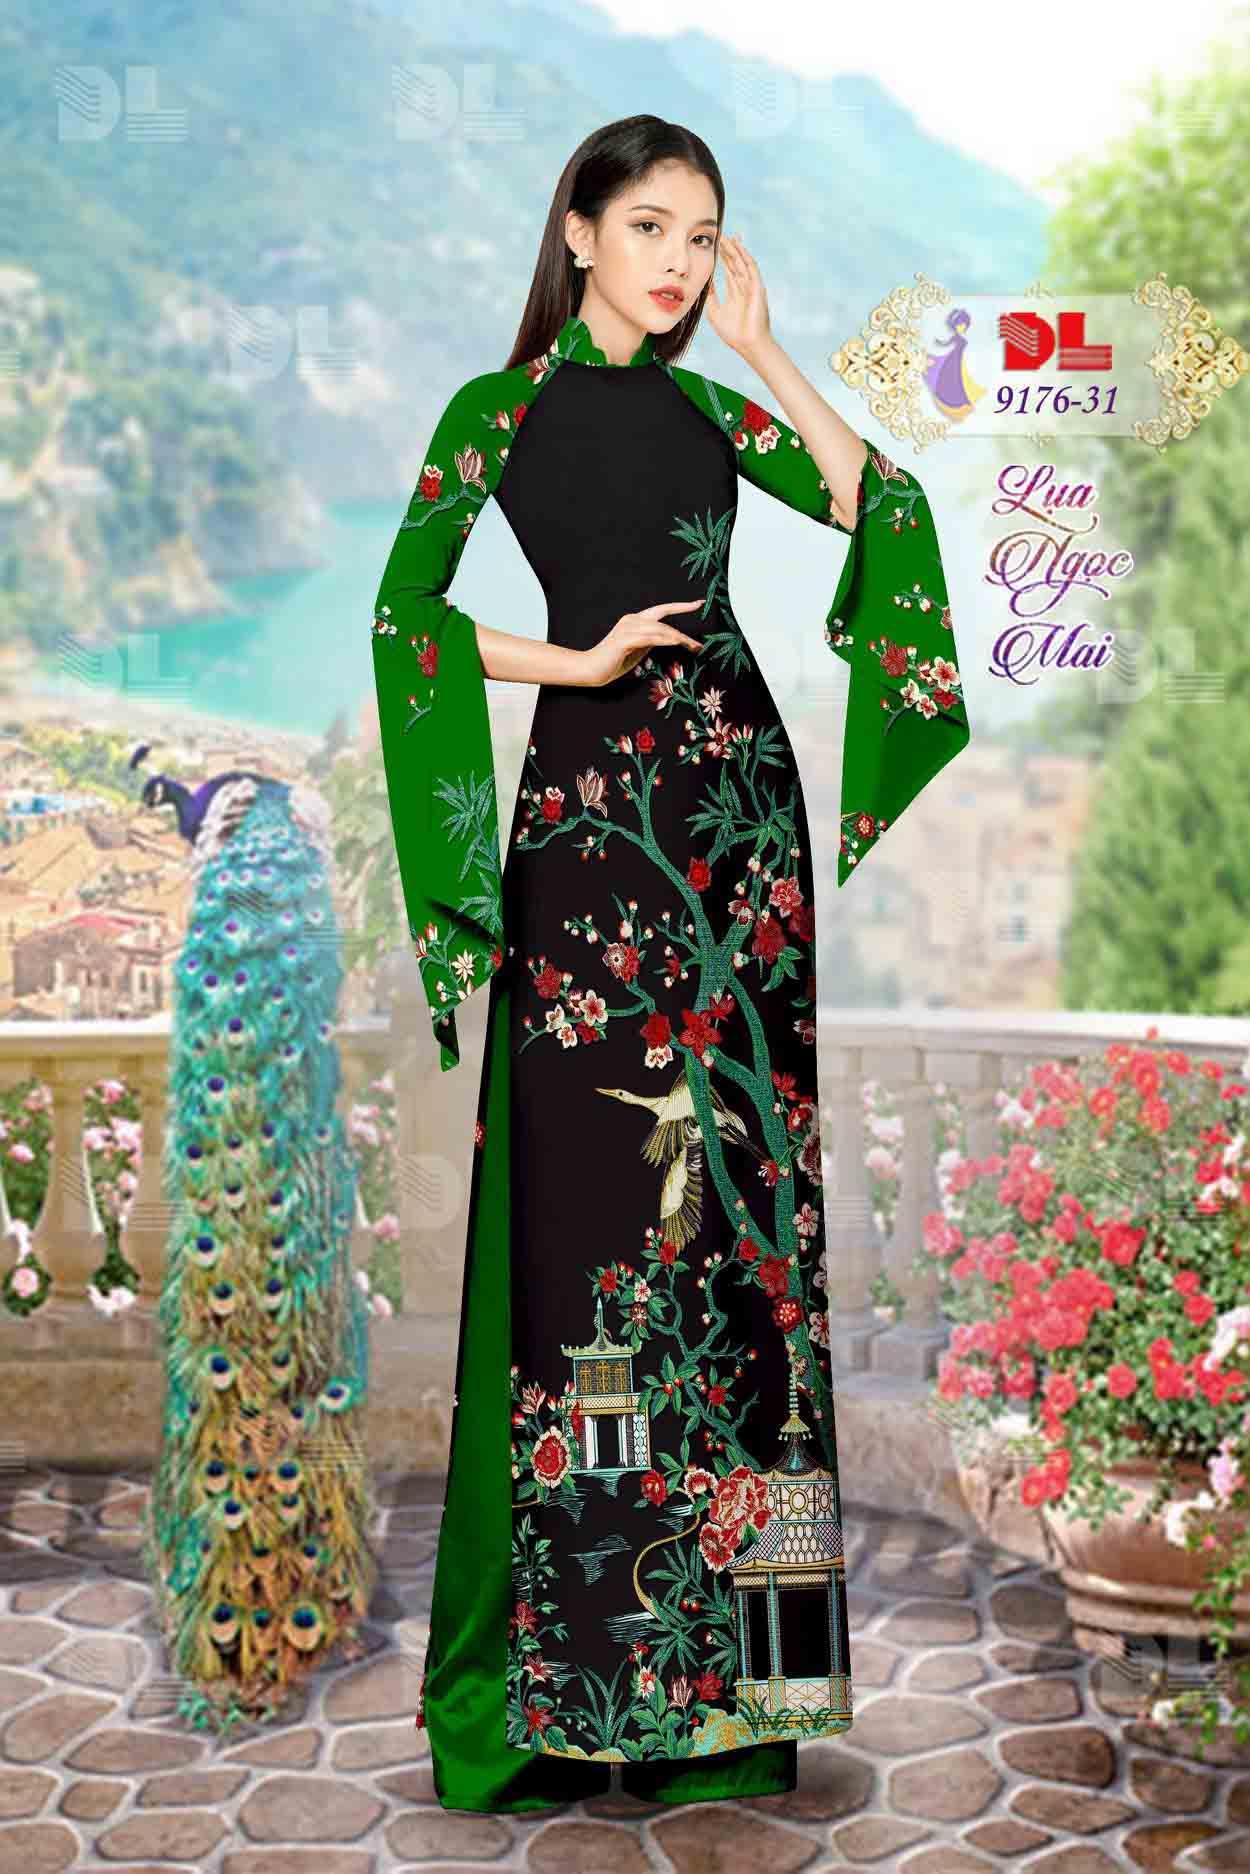 Vải Áo Dài Phong Cảnh AD 9176 70